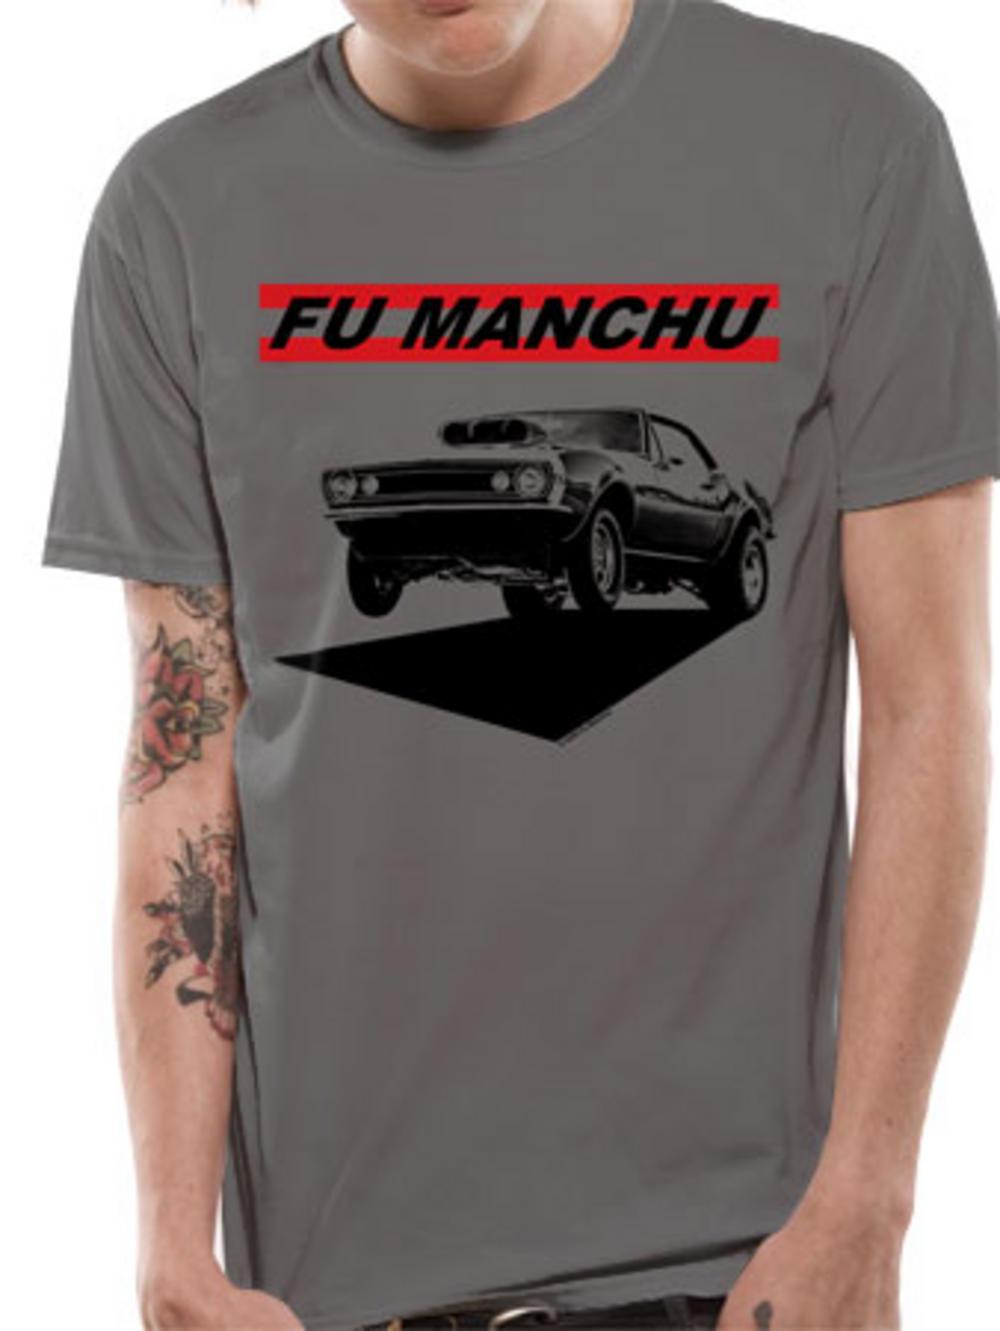 Fu Manchu (Muscle) T-Shirt